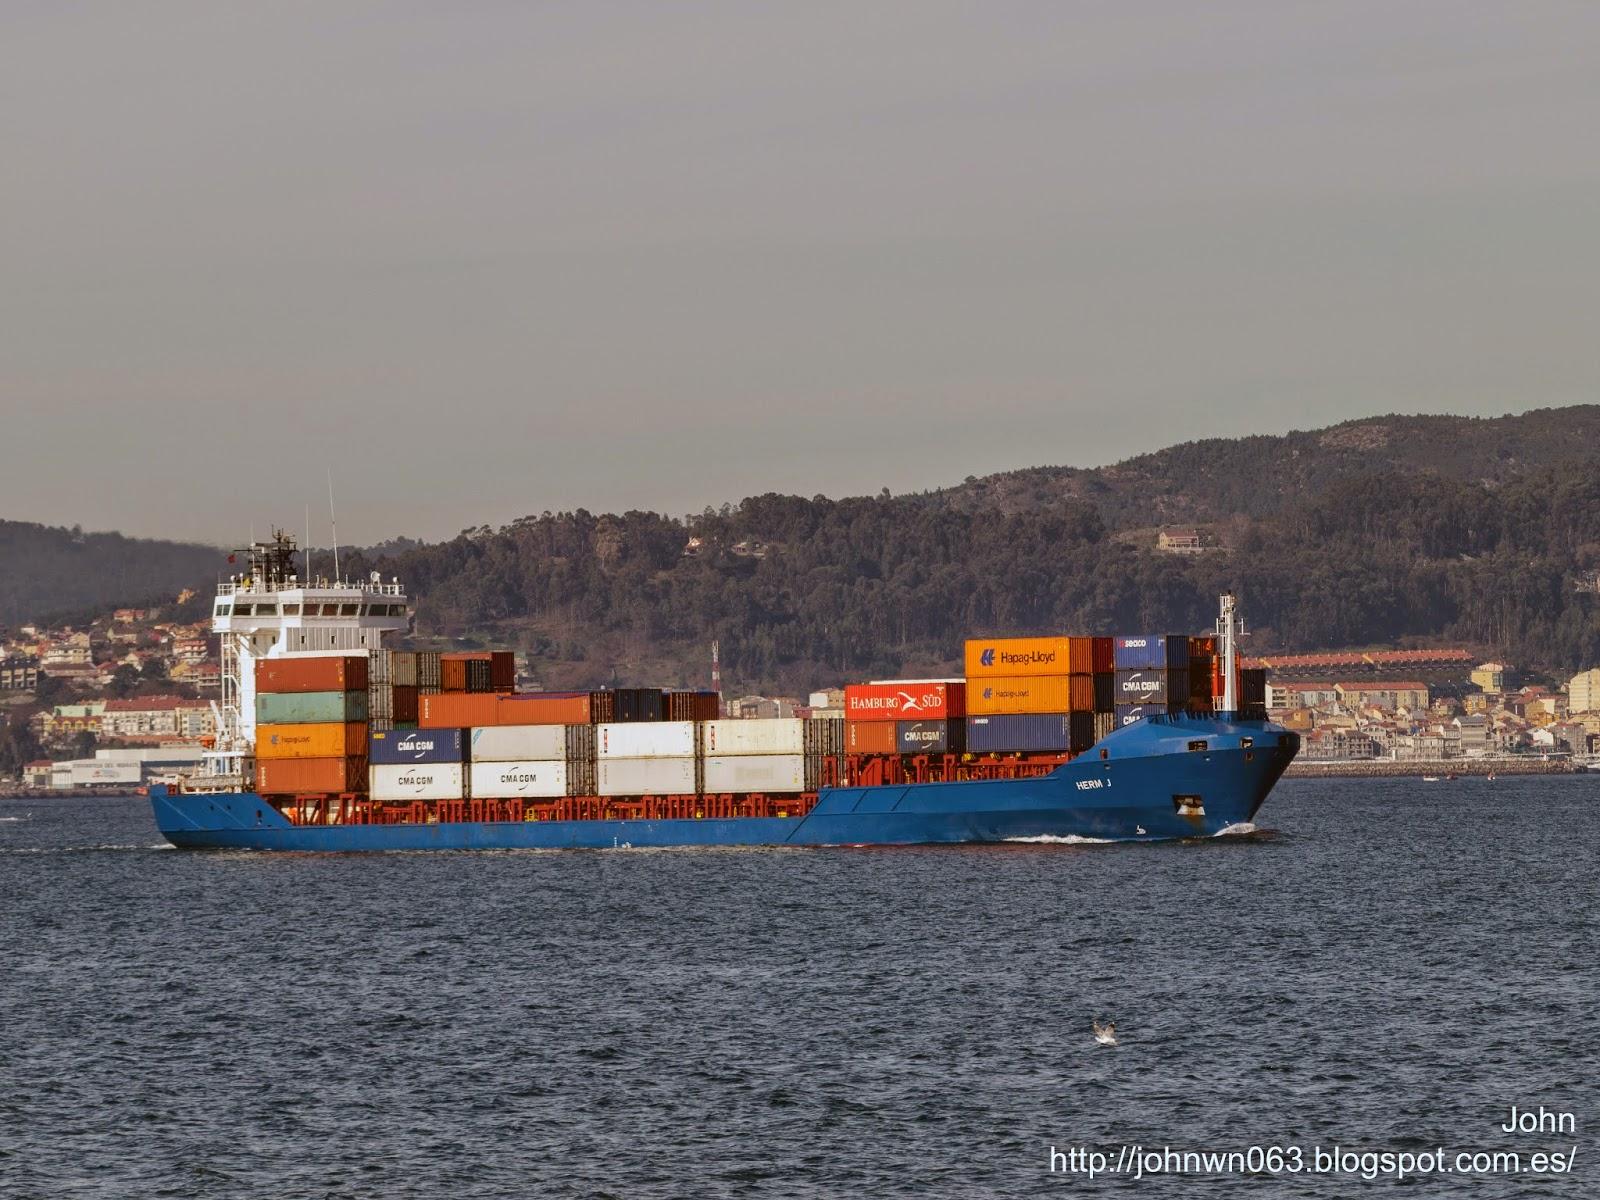 fotos de barcos, imagenes de barcos, herm j, container ship, contenedores, vigo